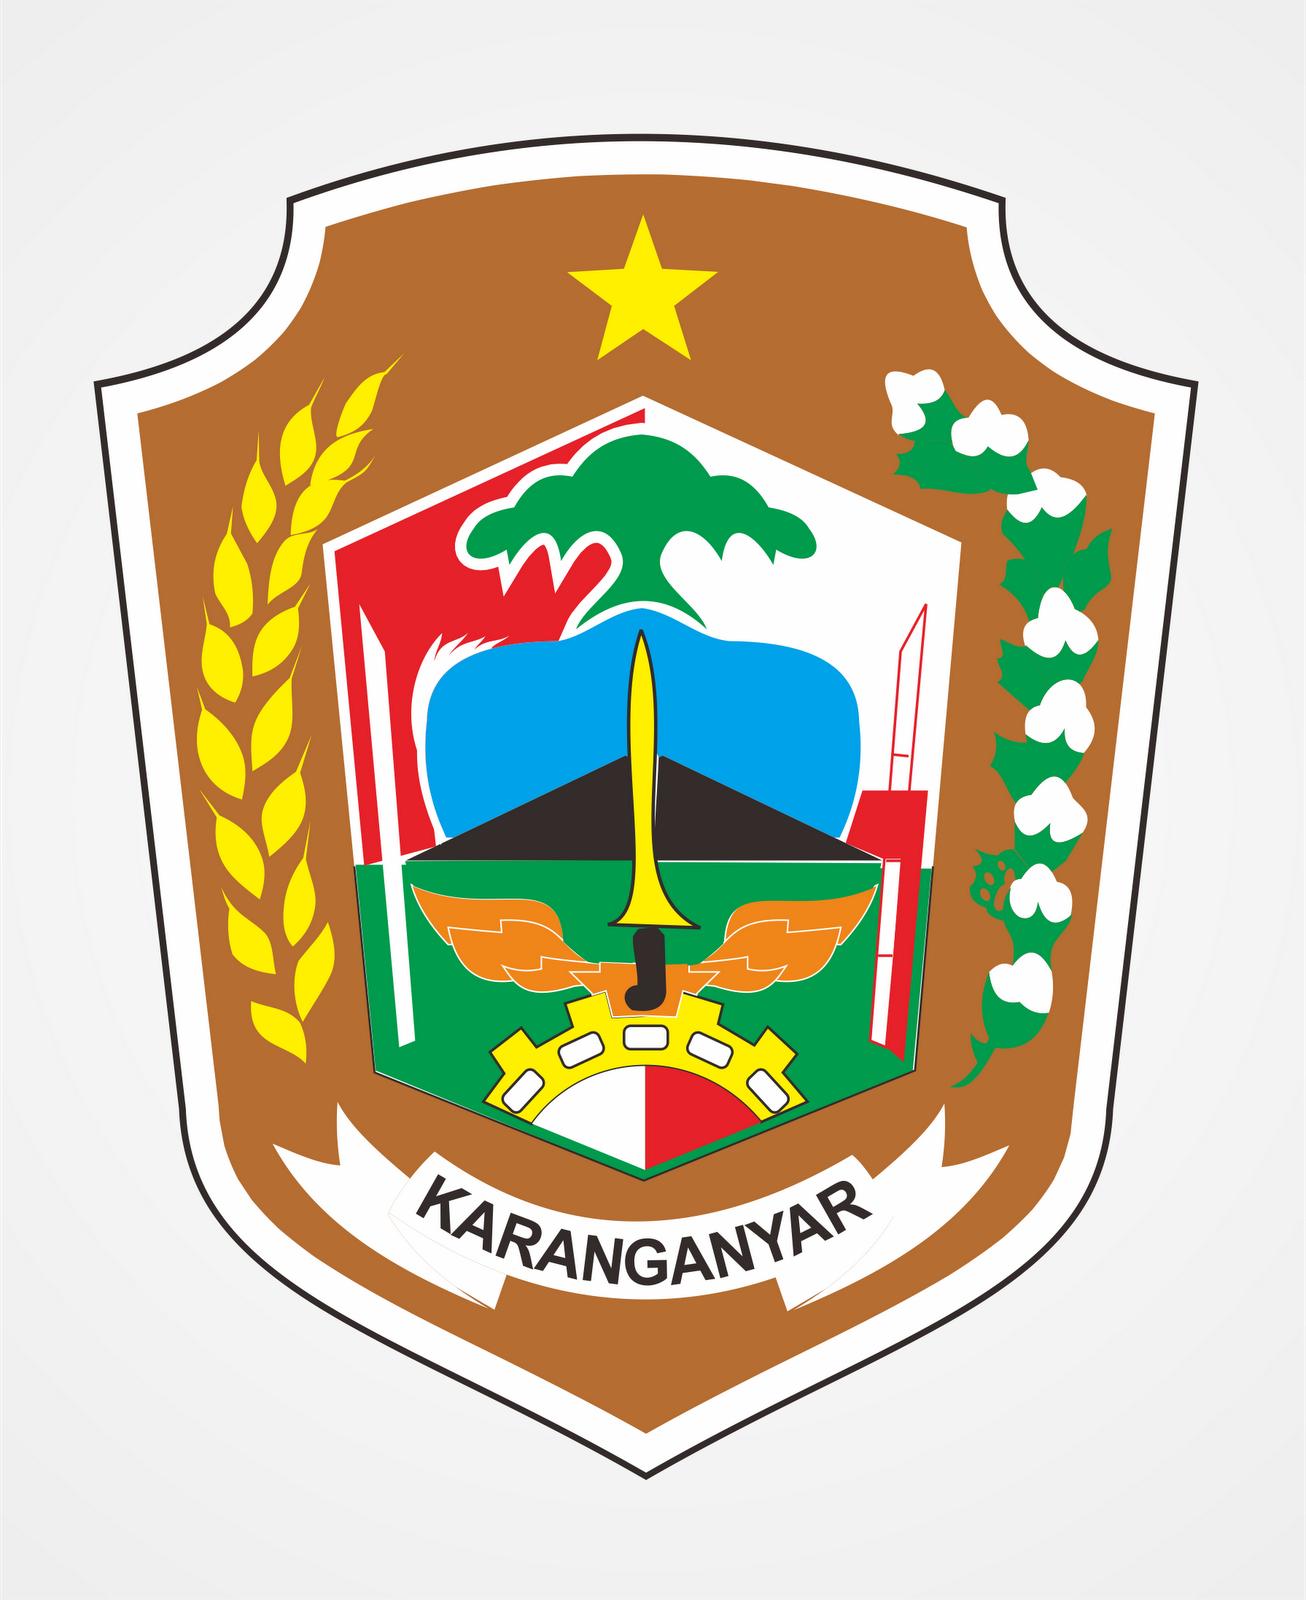 Logo Kabupaten Karanganyar Kumpulan Logo Lambang Indonesia